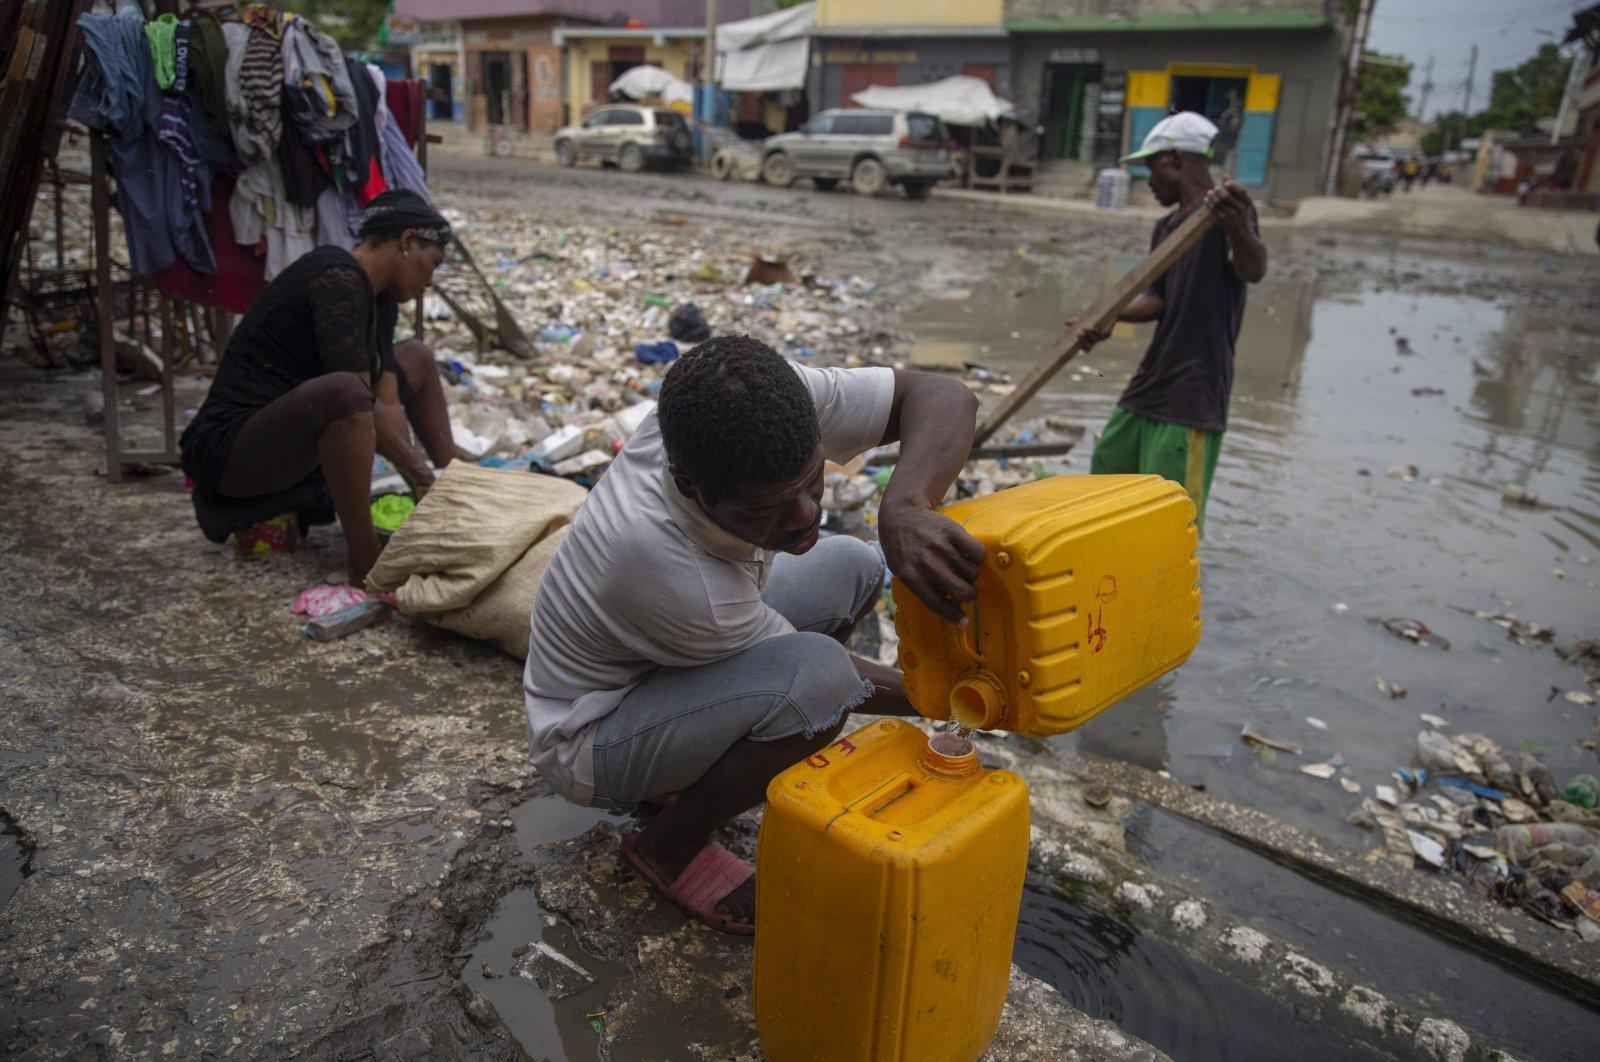 Pas energjetikës, OKB paralajmëron një tjetër krizë: 5 miliardë persona nuk do të kenë ujë